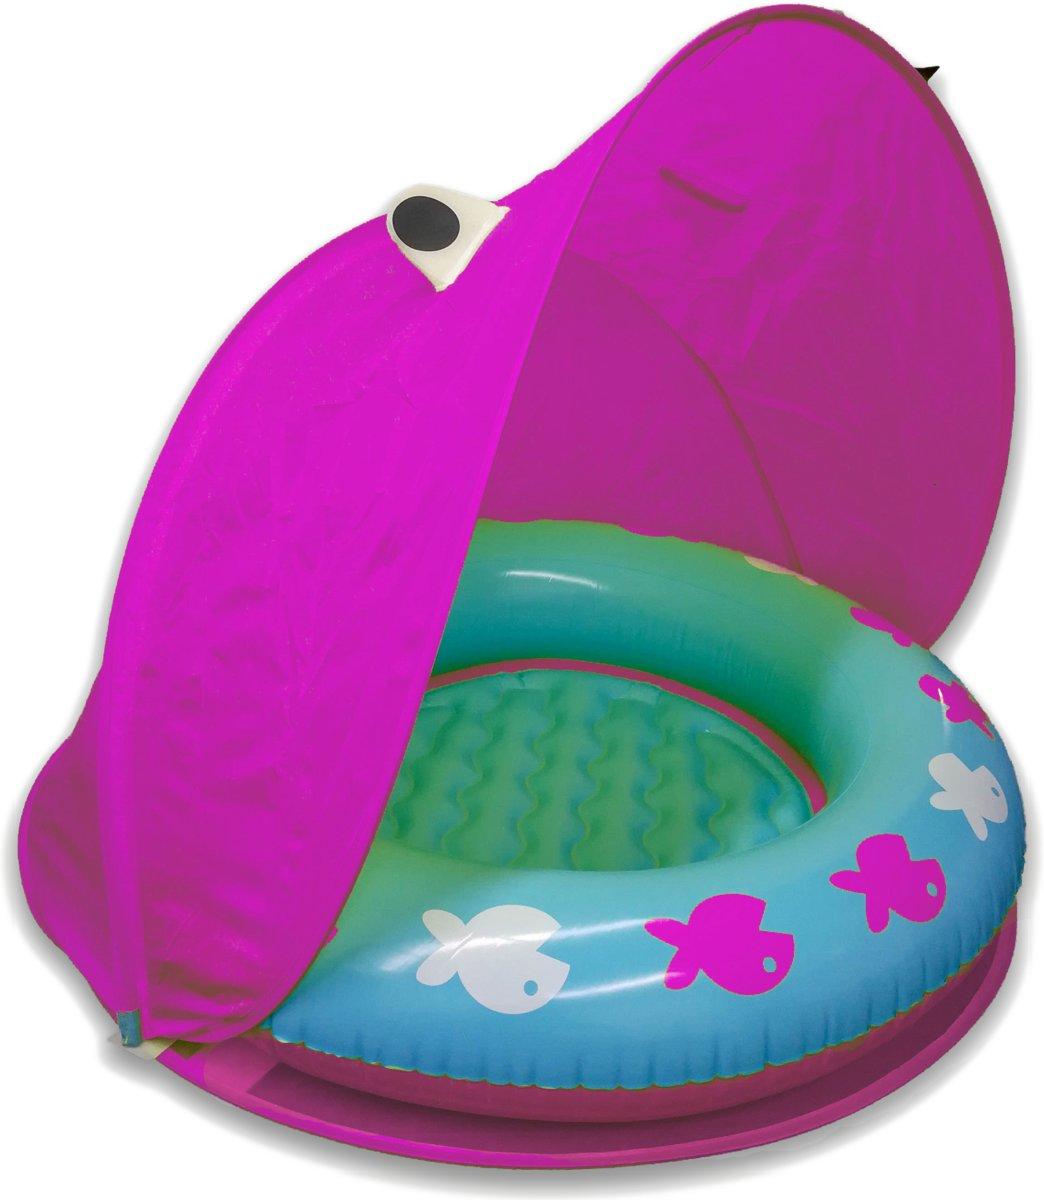 Opblaasbaar Roze Babyzwembadje met UPF 40 Zonbescherming – Vanaf 18 Maanden